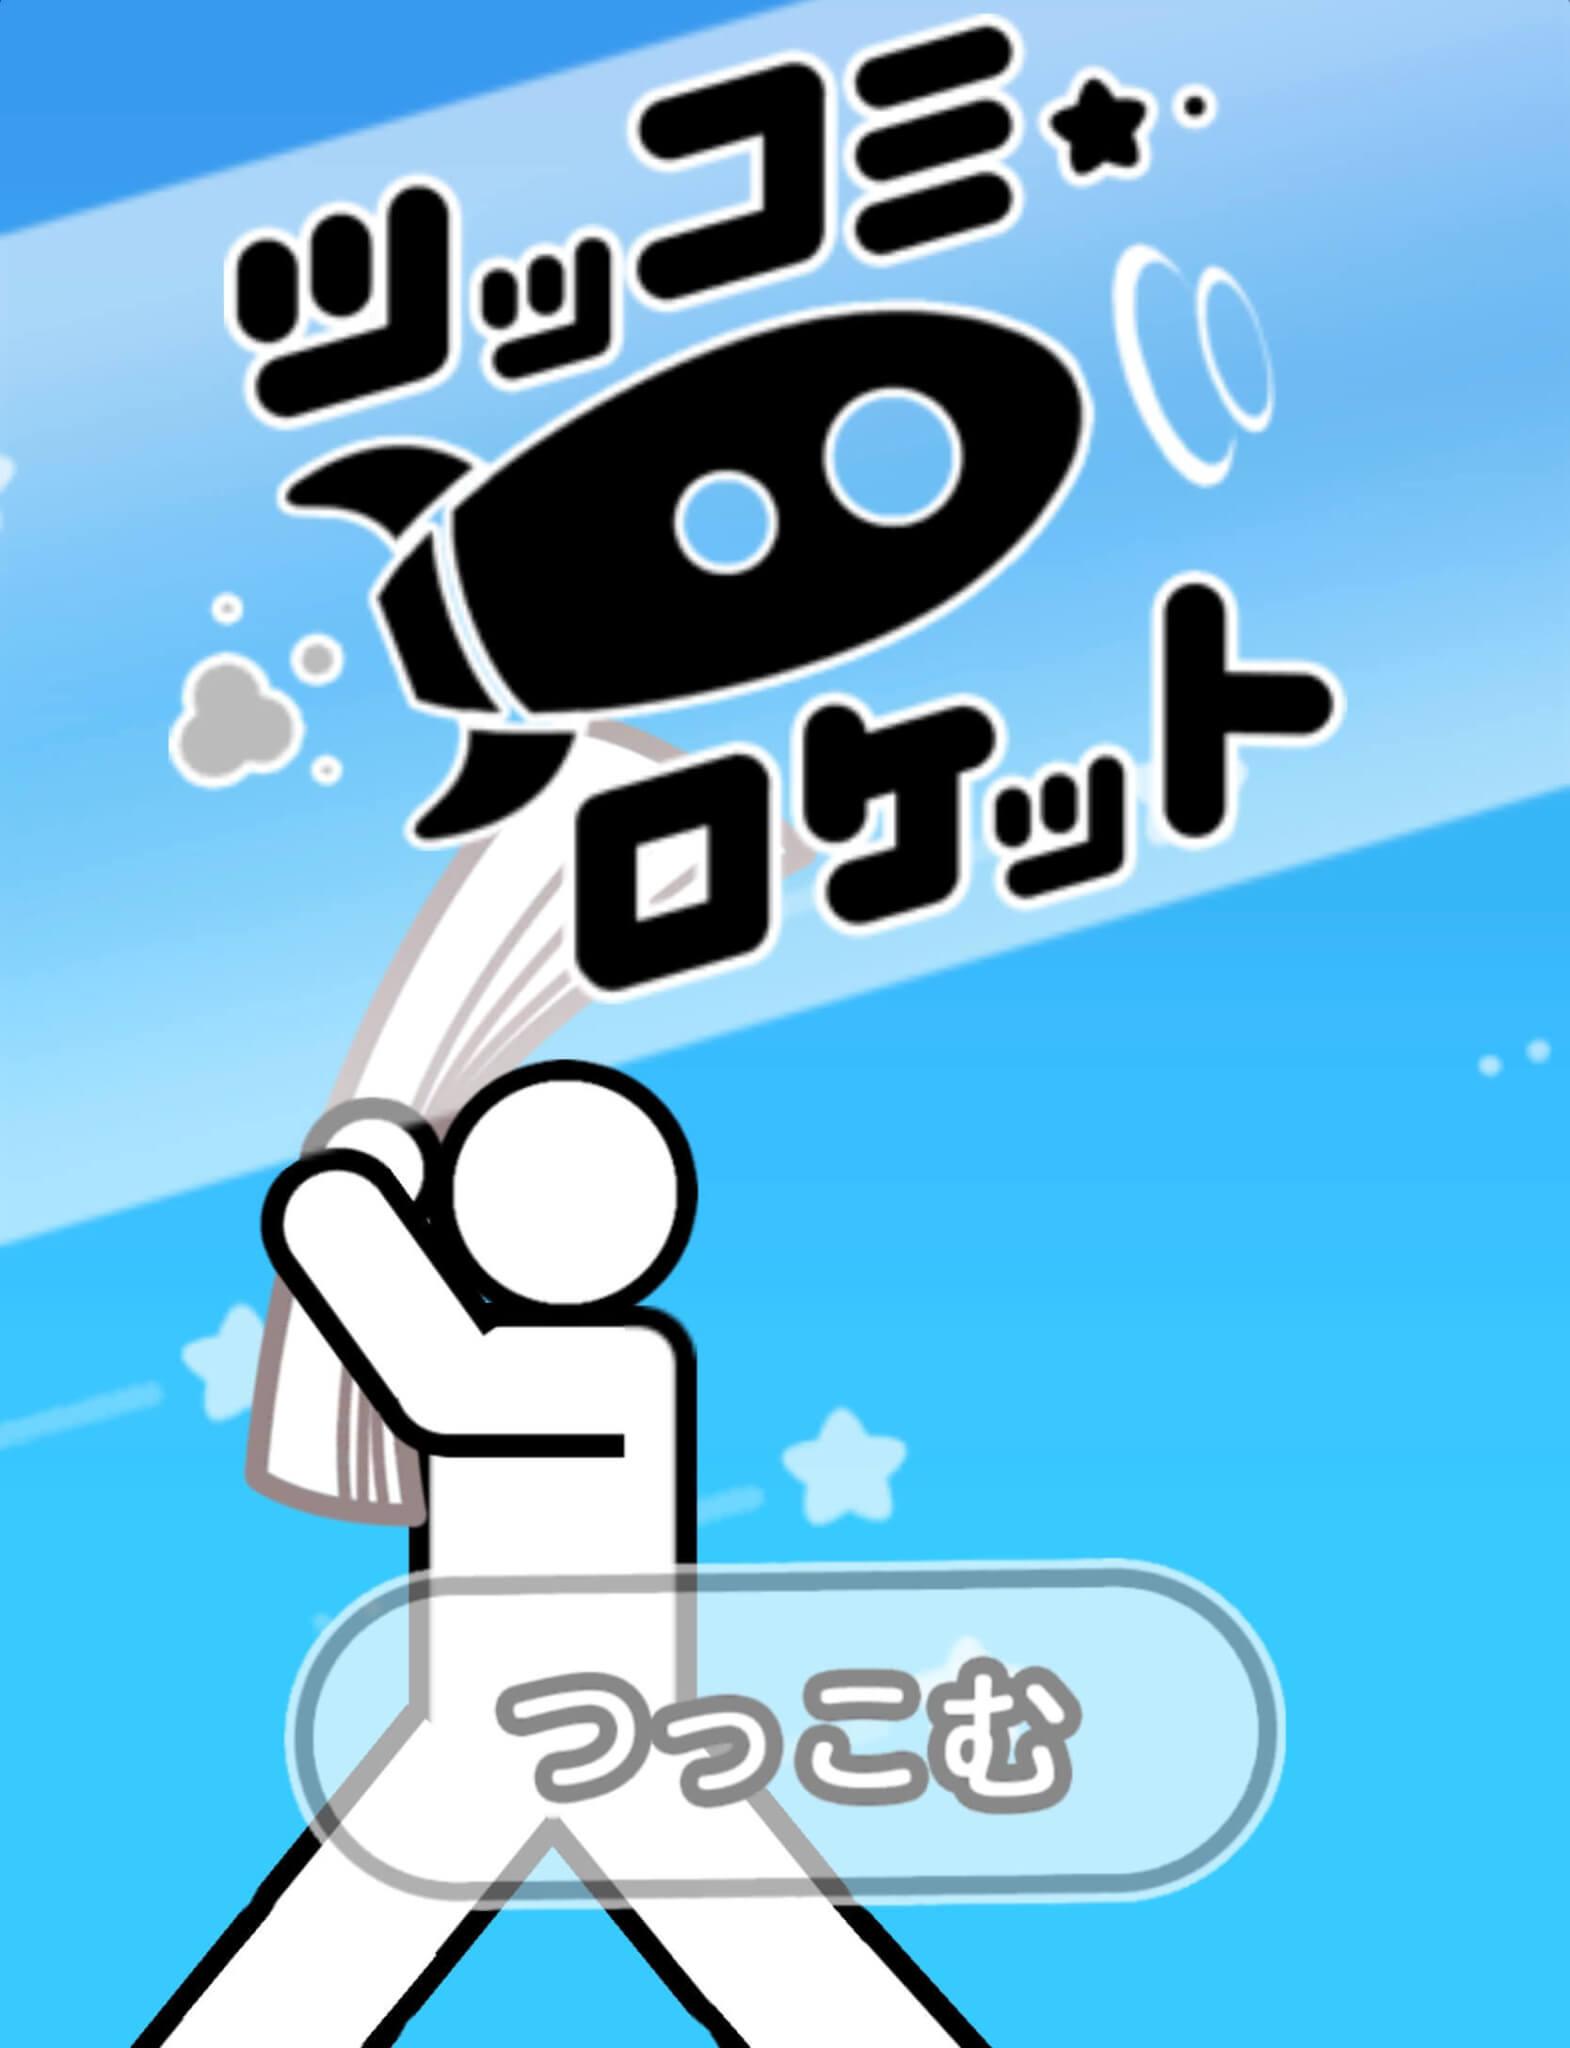 ツッコミロケット